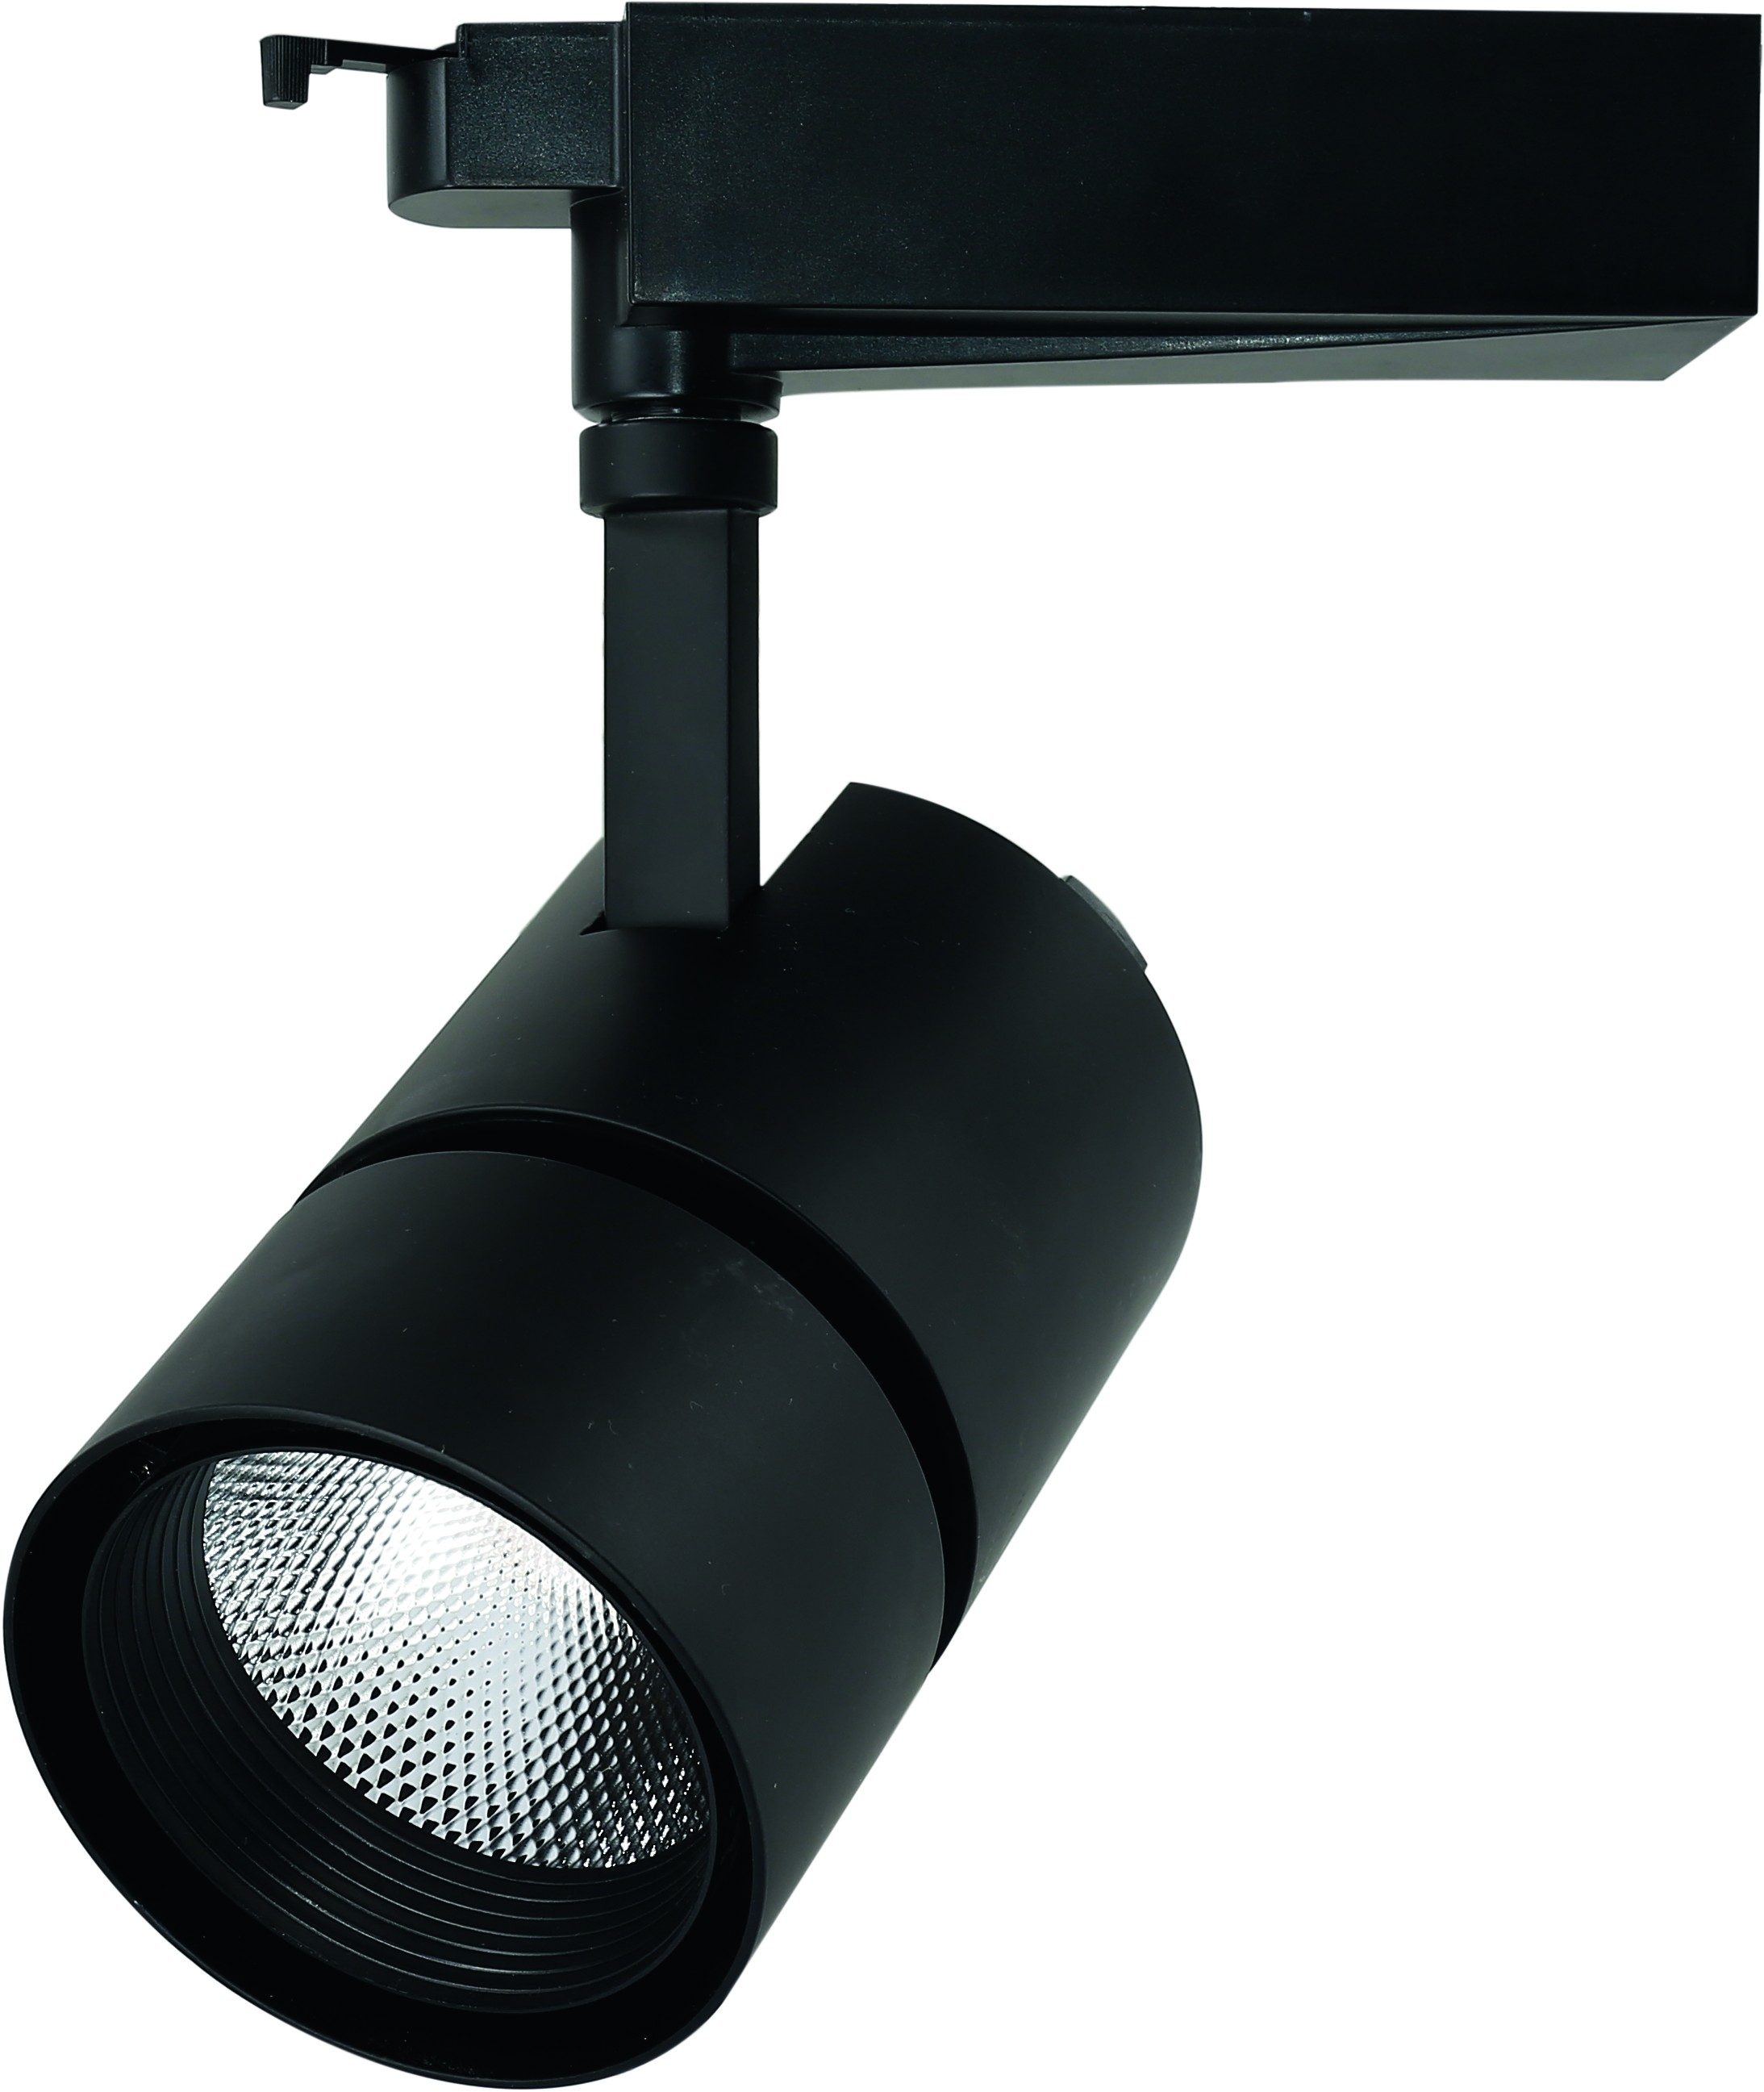 Купить Трек система Arte lamp A2450pl-1bk